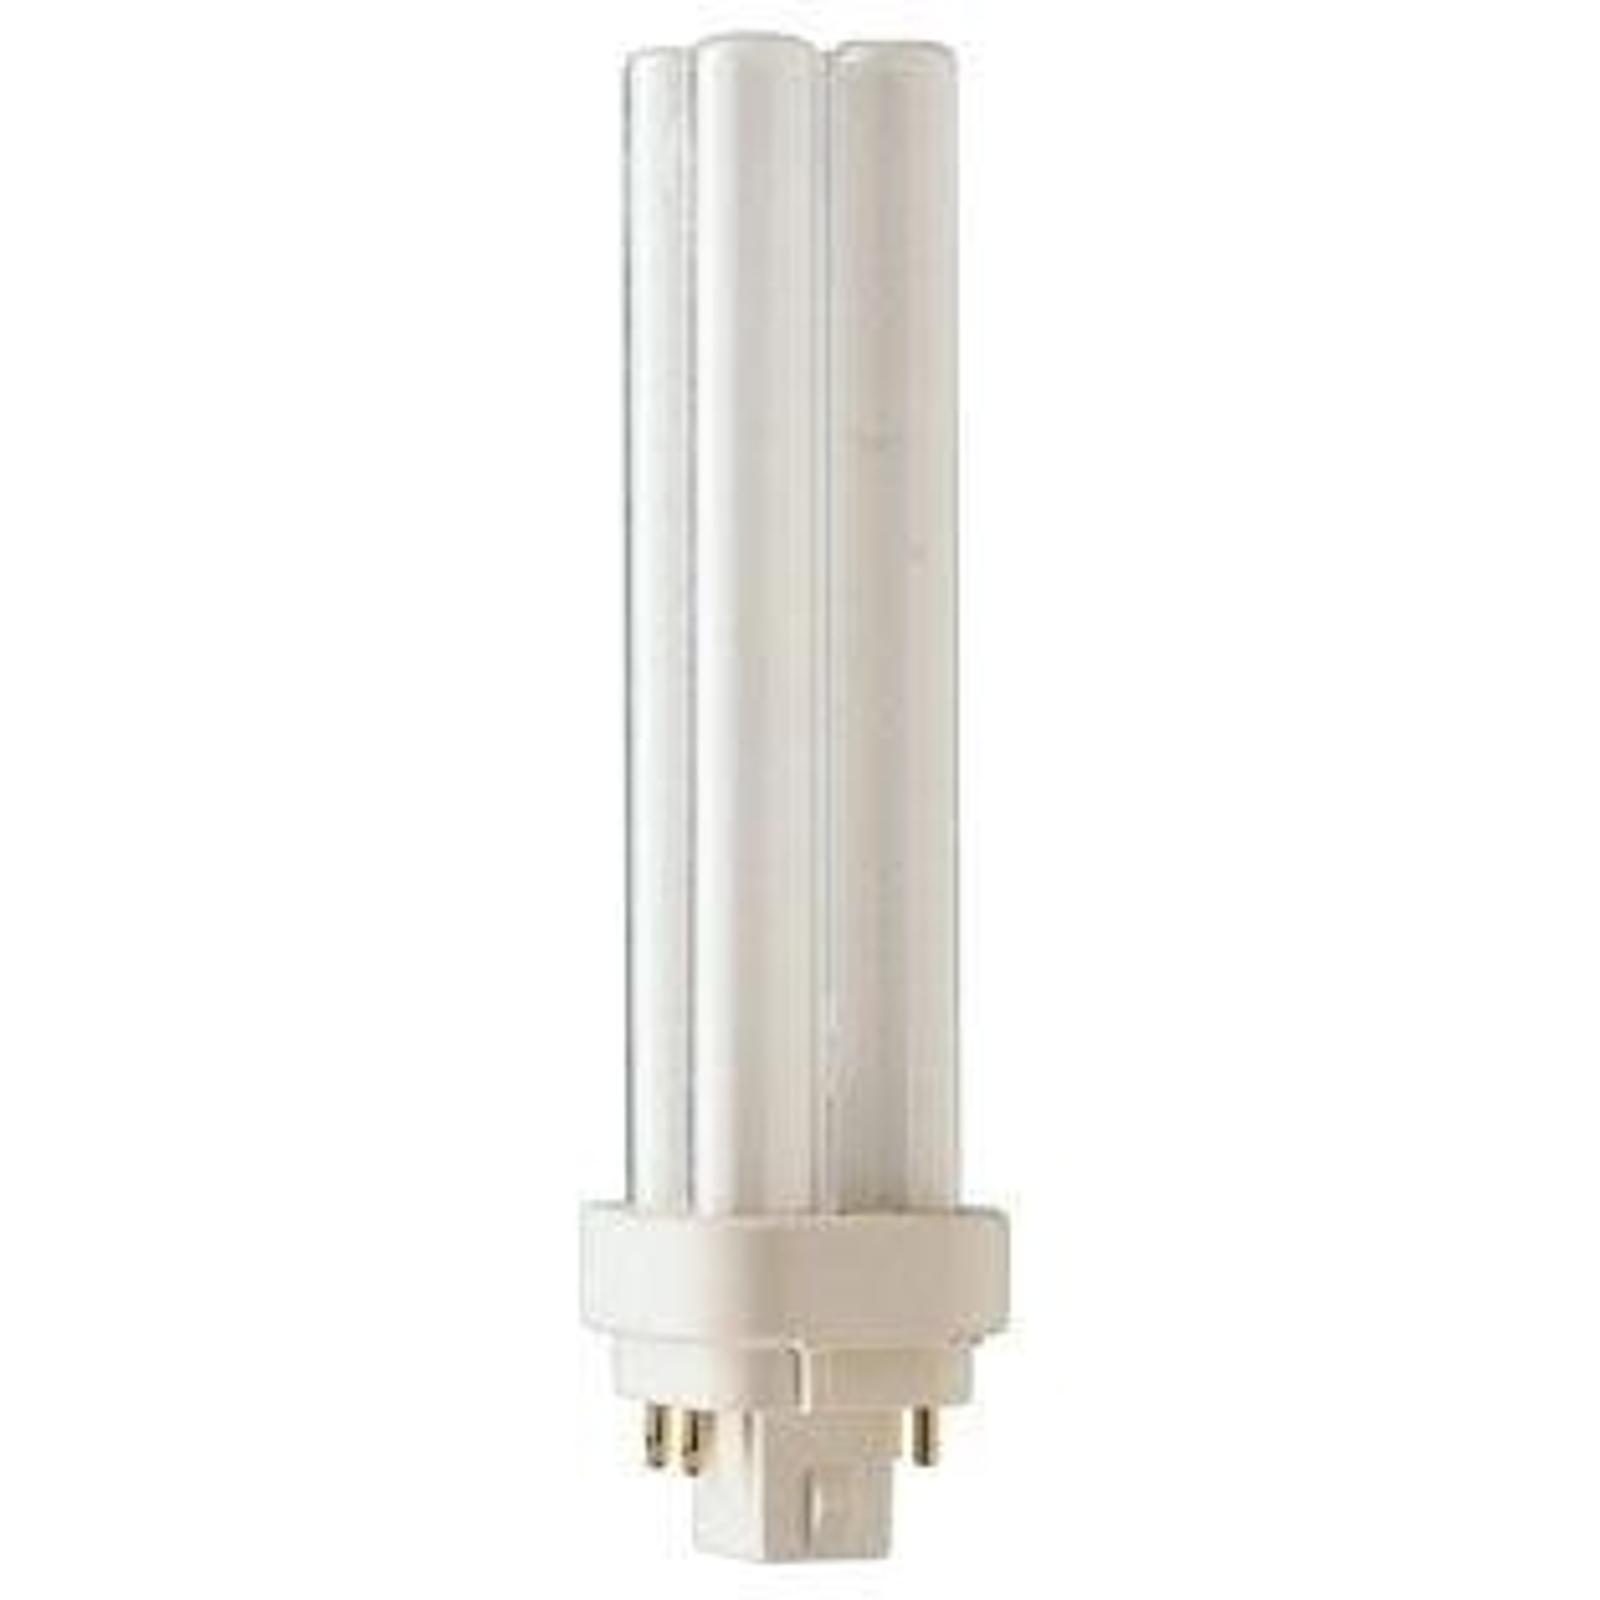 G24q kompaktowa świetlówka Master PL-C 4Pin